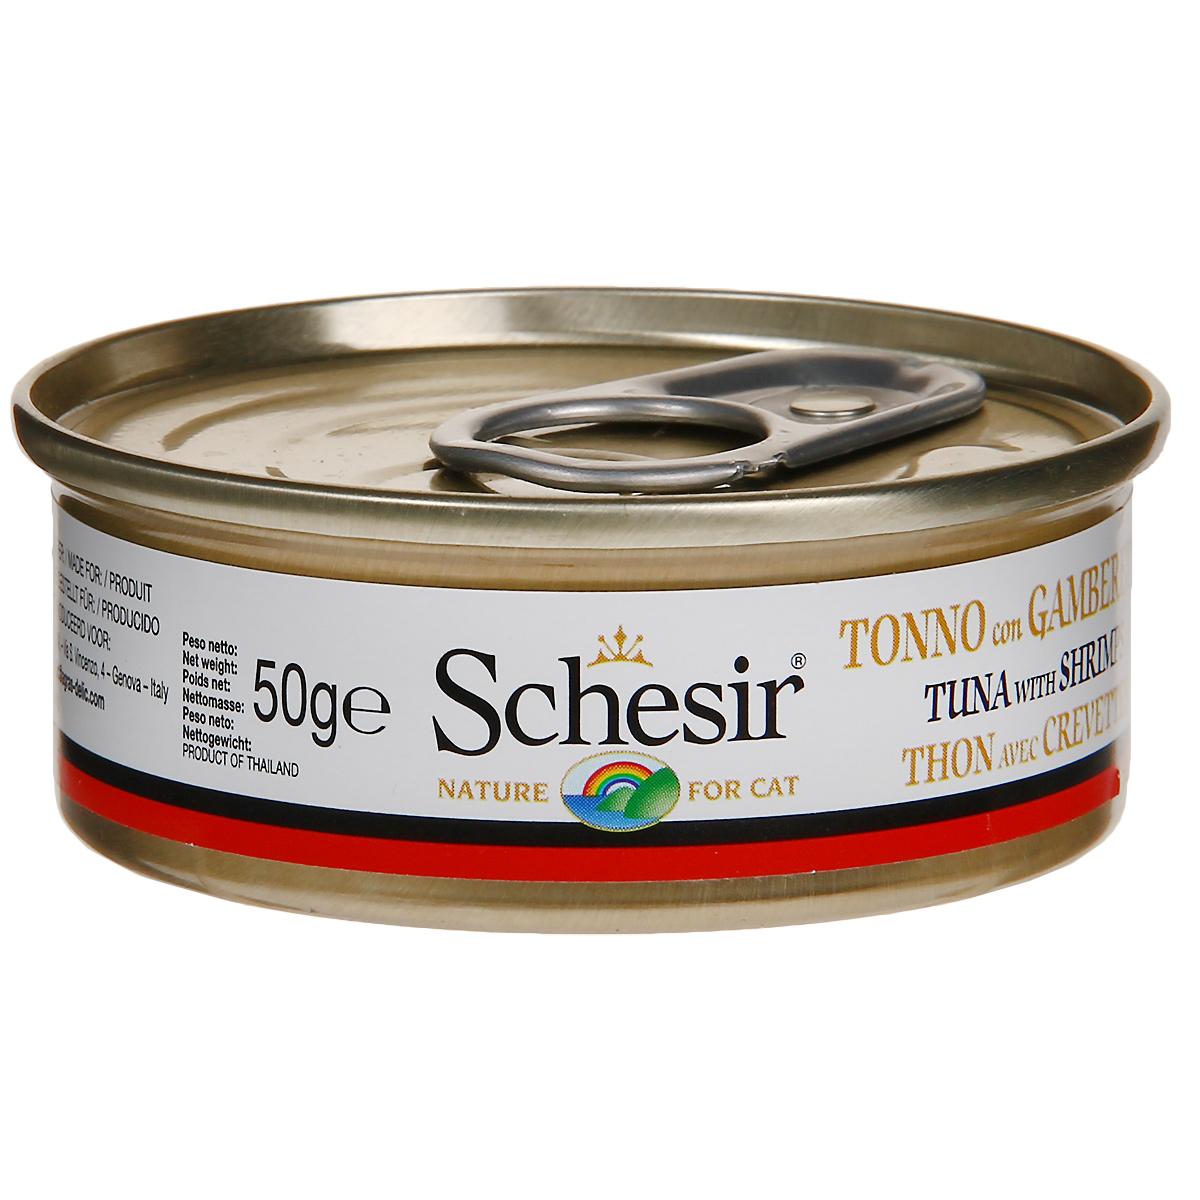 Консервы для кошек Schesir, с тунцом и креветками, 50 г132.С103Консервы Schesir - это полнорационный корм для кошек. Состав: тунец (50% минимум), мясо креветок (6% минимум), овощное желе (добавка, разрешенная ЕС). Анализ состава: белок 12%, масла и жиры 1,5%, клетчатка 0,5%, минеральные вещества 1%, влажность 85%. Витамины: А - 1325МЕ, D3 - 110МЕ, Е - 15 мг, таурин 160 мг. Вес: 50 г.